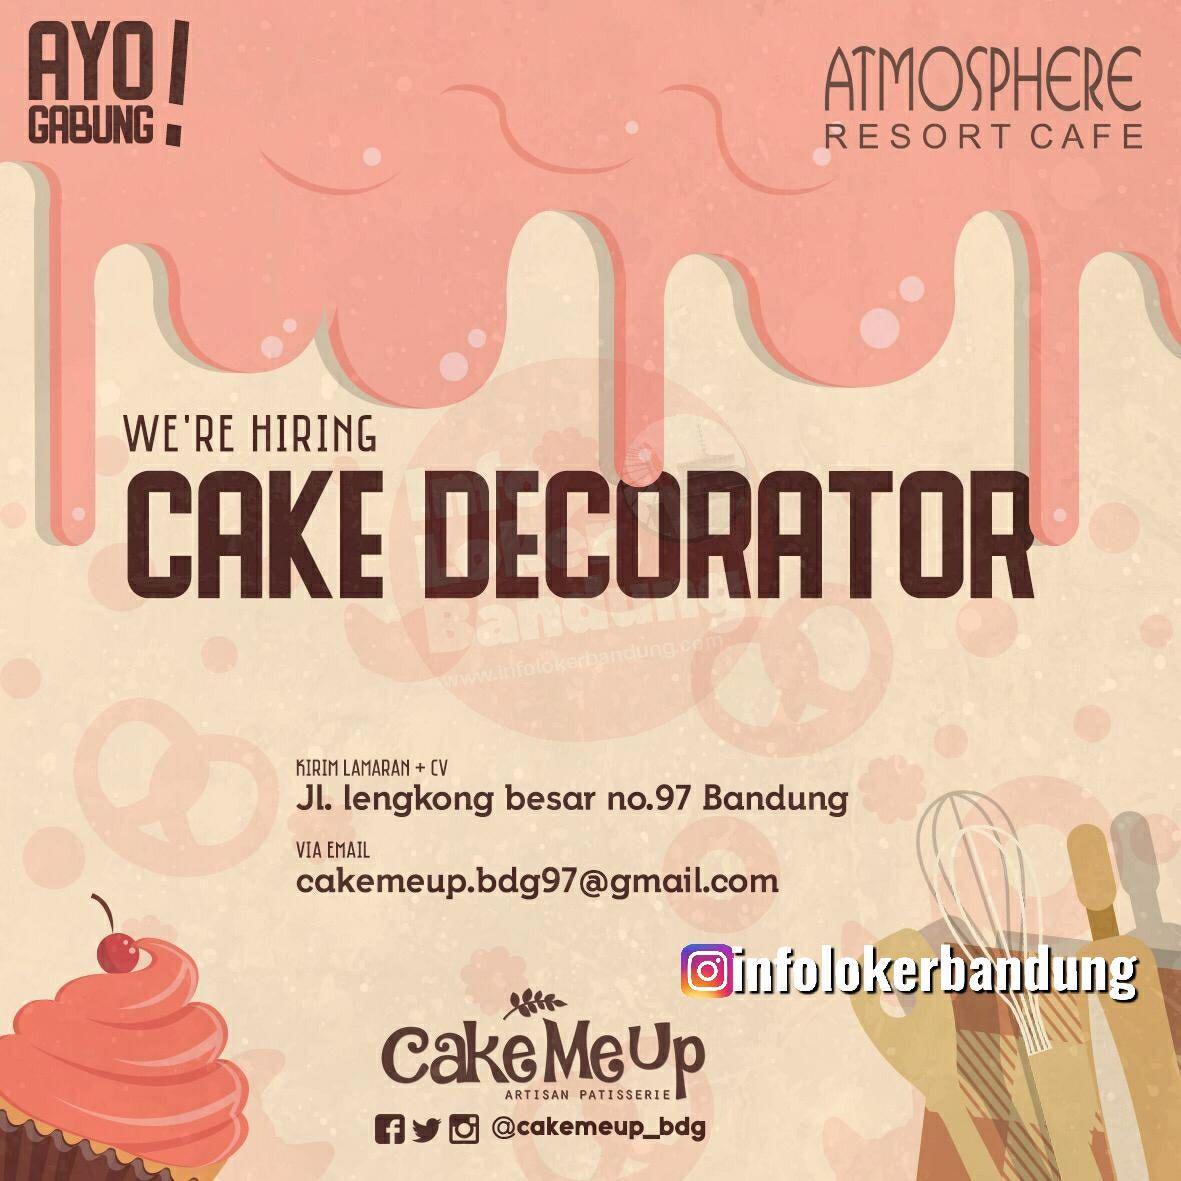 Lowongan Kerja Cake Make Up Atmosphere Cafe Bandung Mei 2019